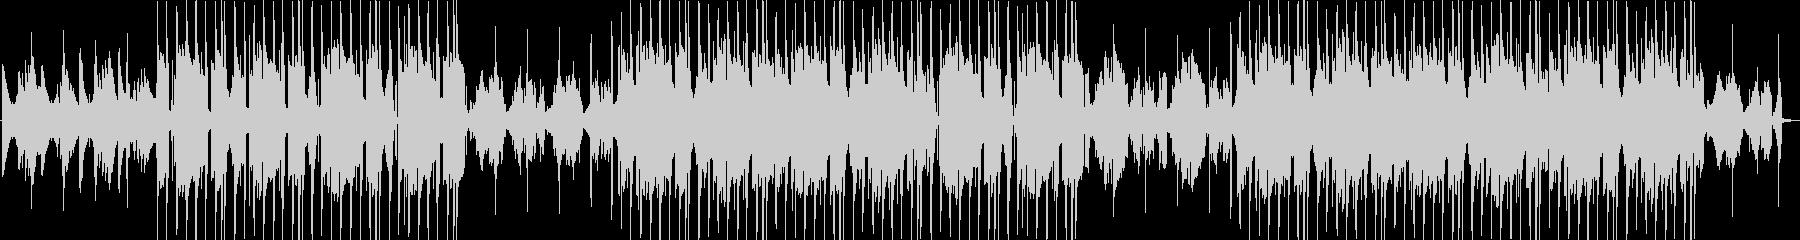 [オシャレさん必須]チルHipHopの未再生の波形